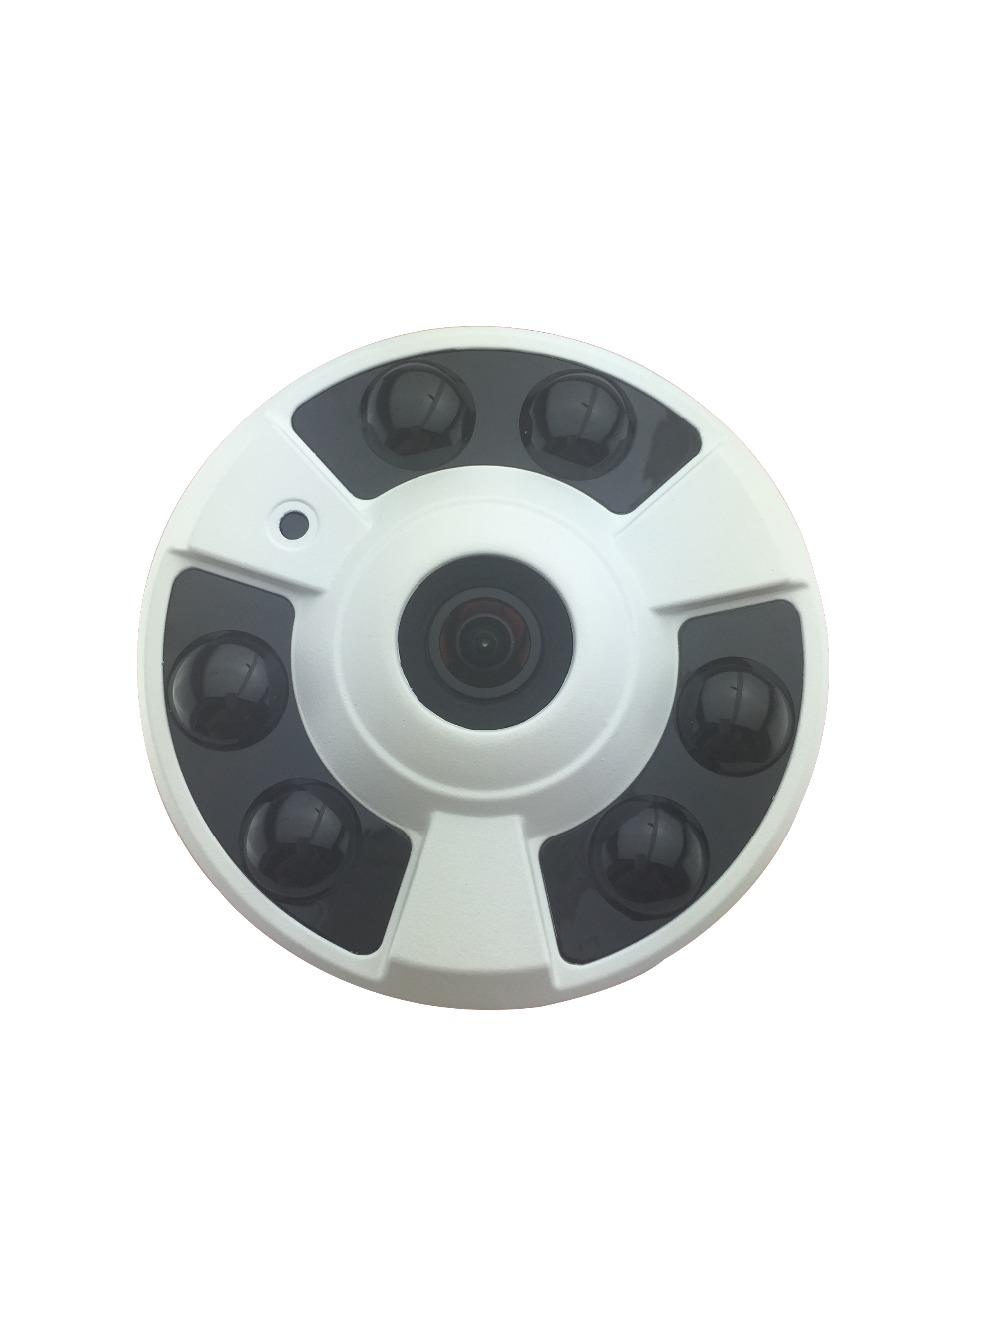 Fisheye 180 Degree HD 5MP Megapixel IP Camera Indoor TI Network P2P 6 IR Night freeshipping(China (Mainland))